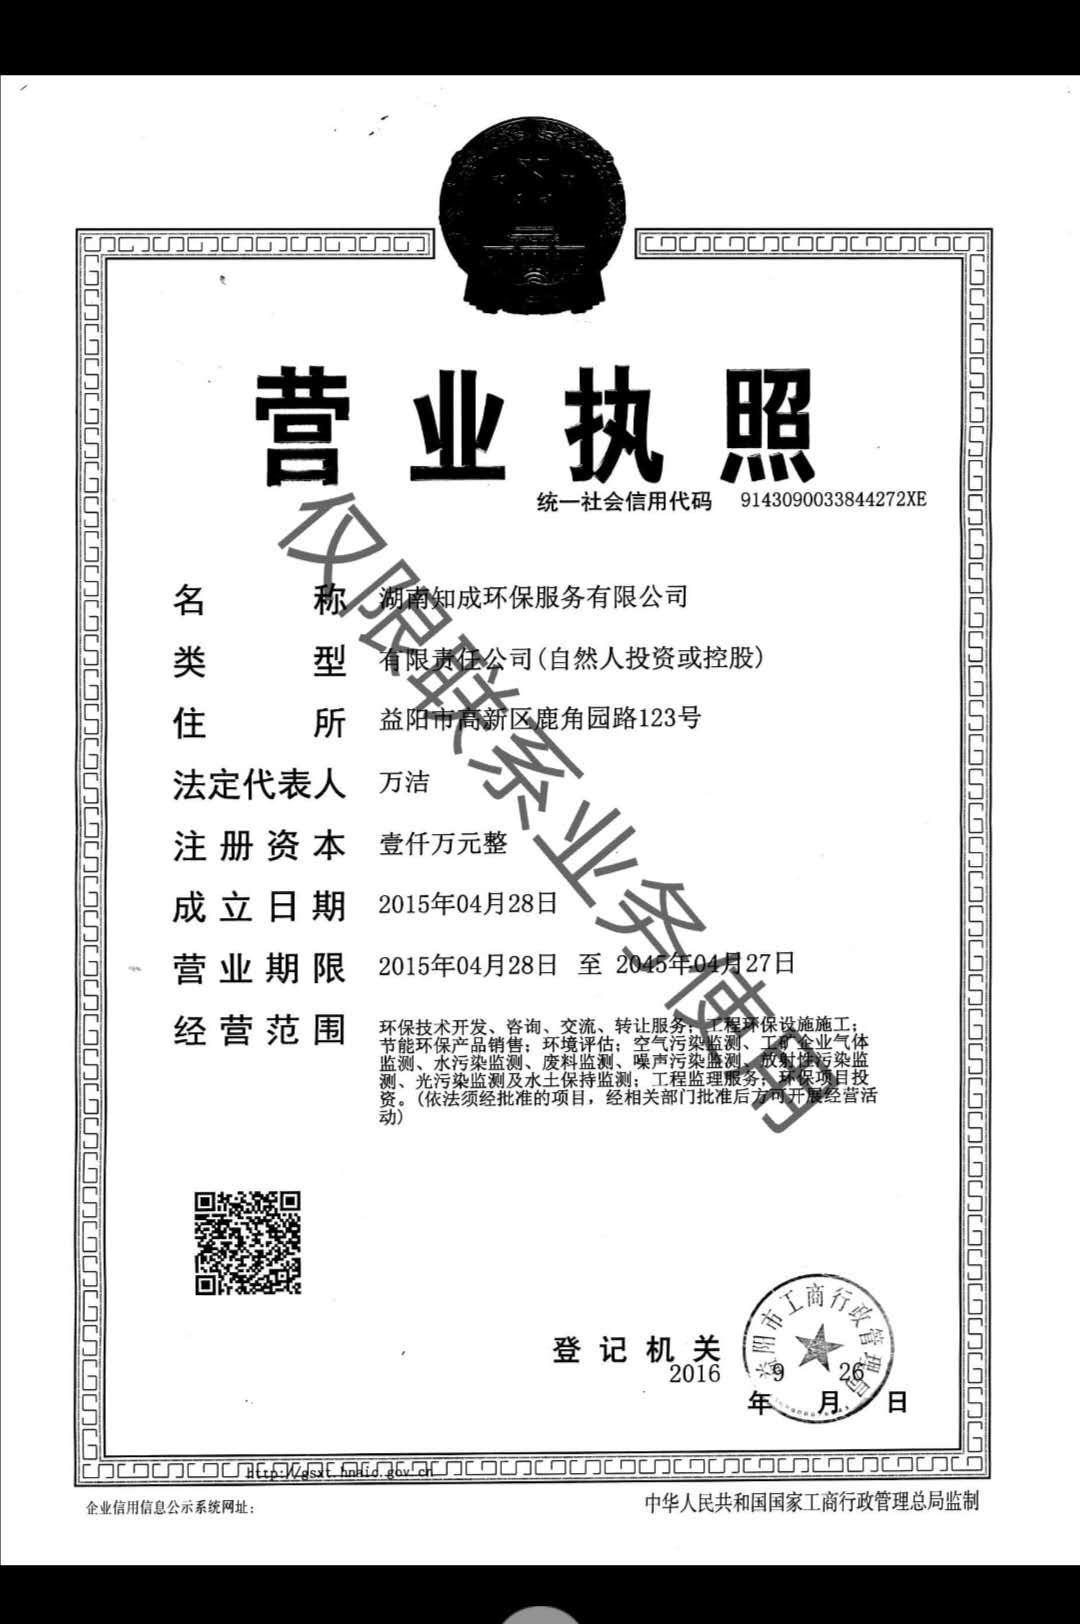 益阳知成环保万博手机版本登录官网有限公司